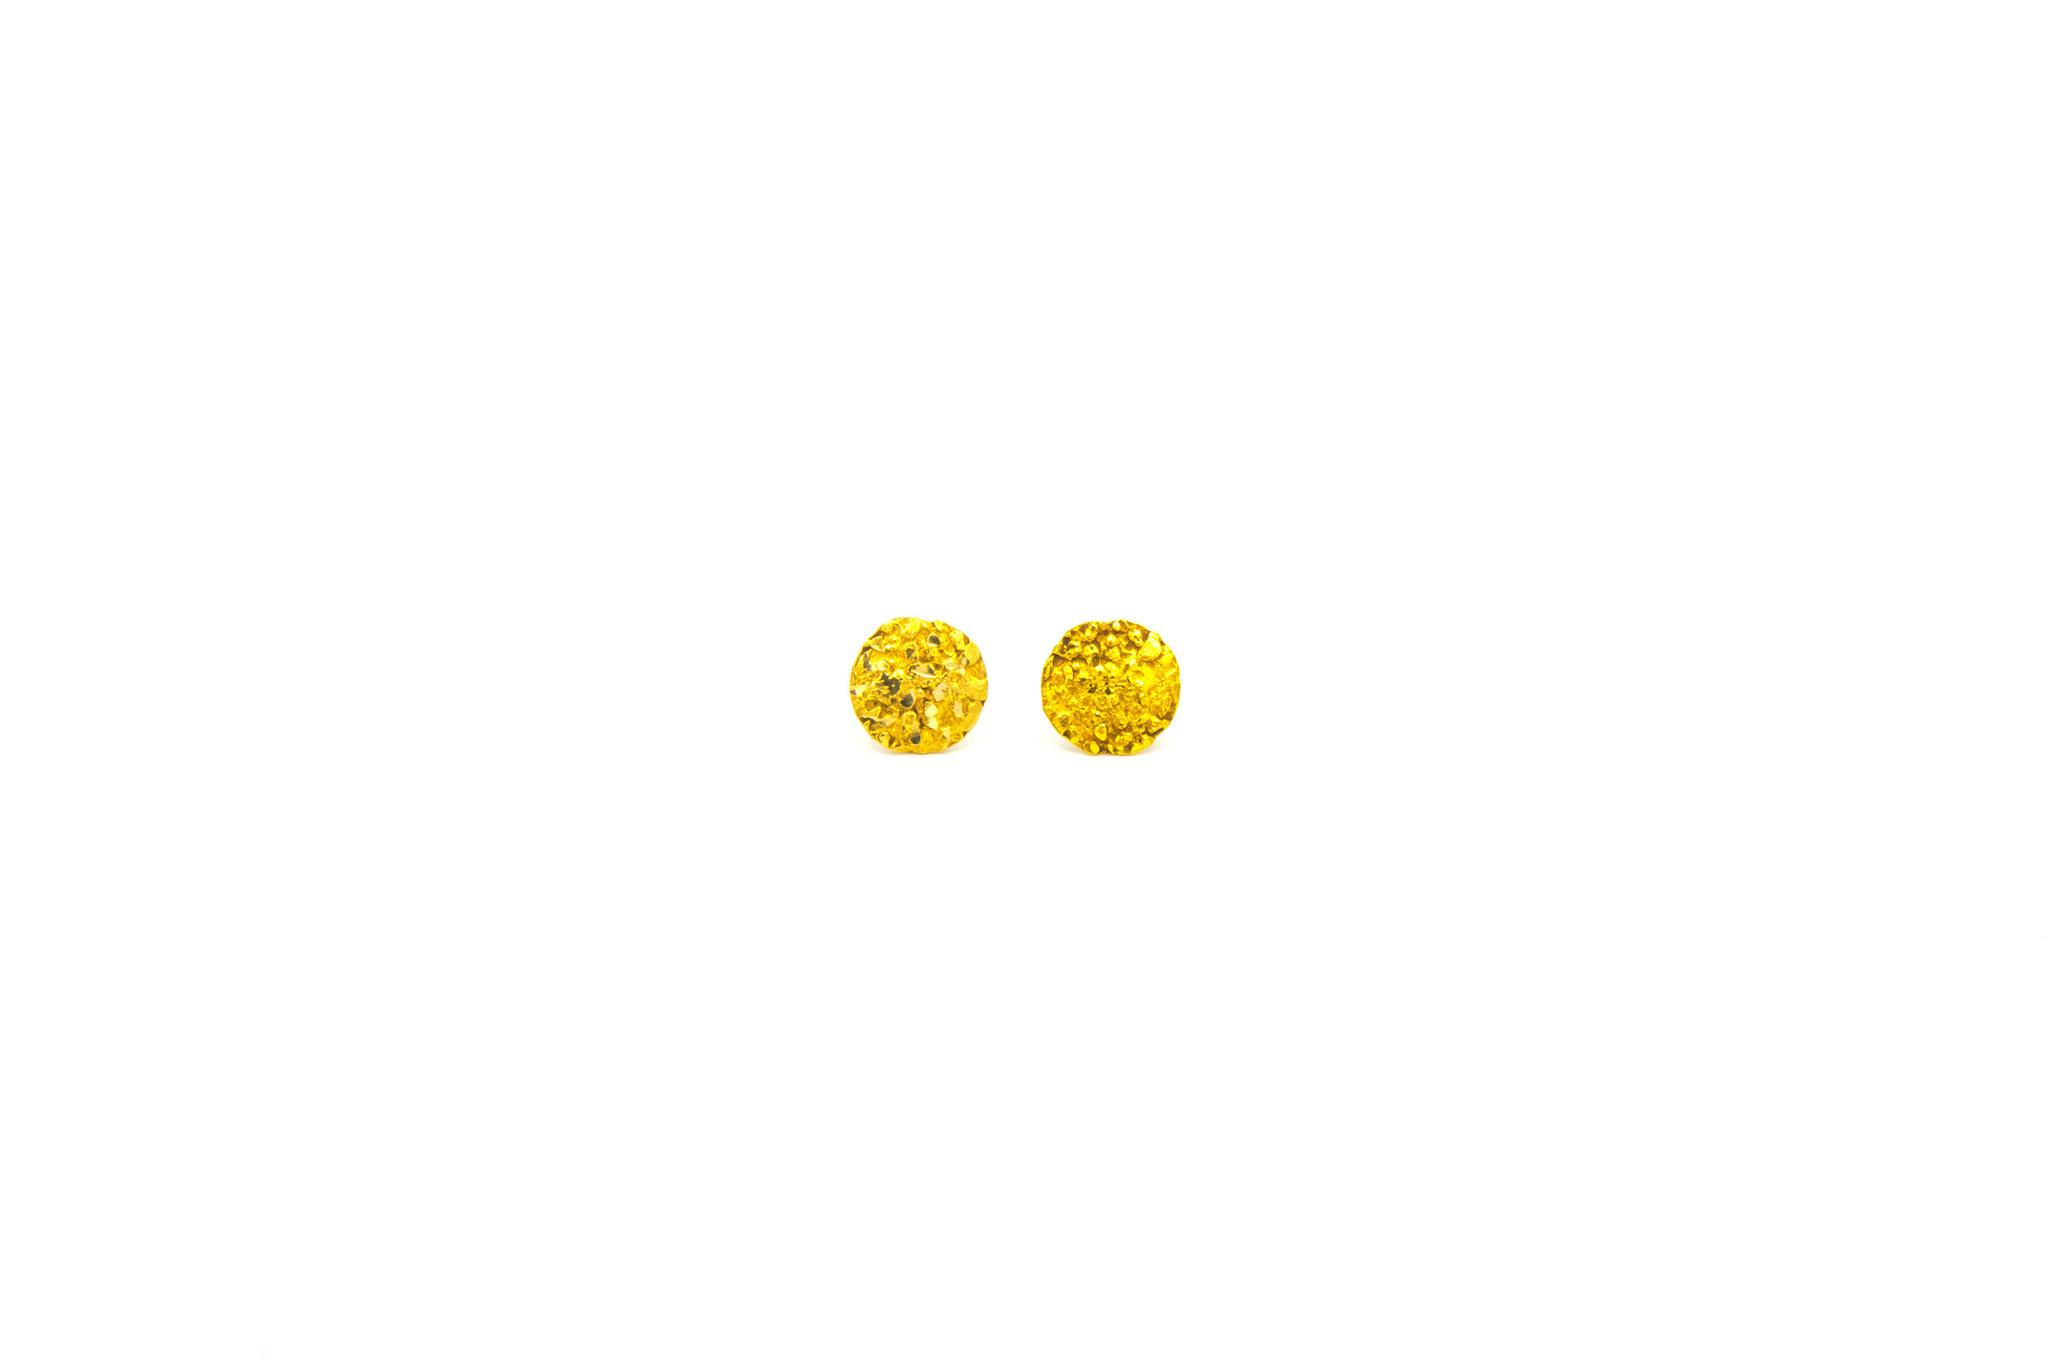 Piet Piet oorbellen stekers rond 14k-1